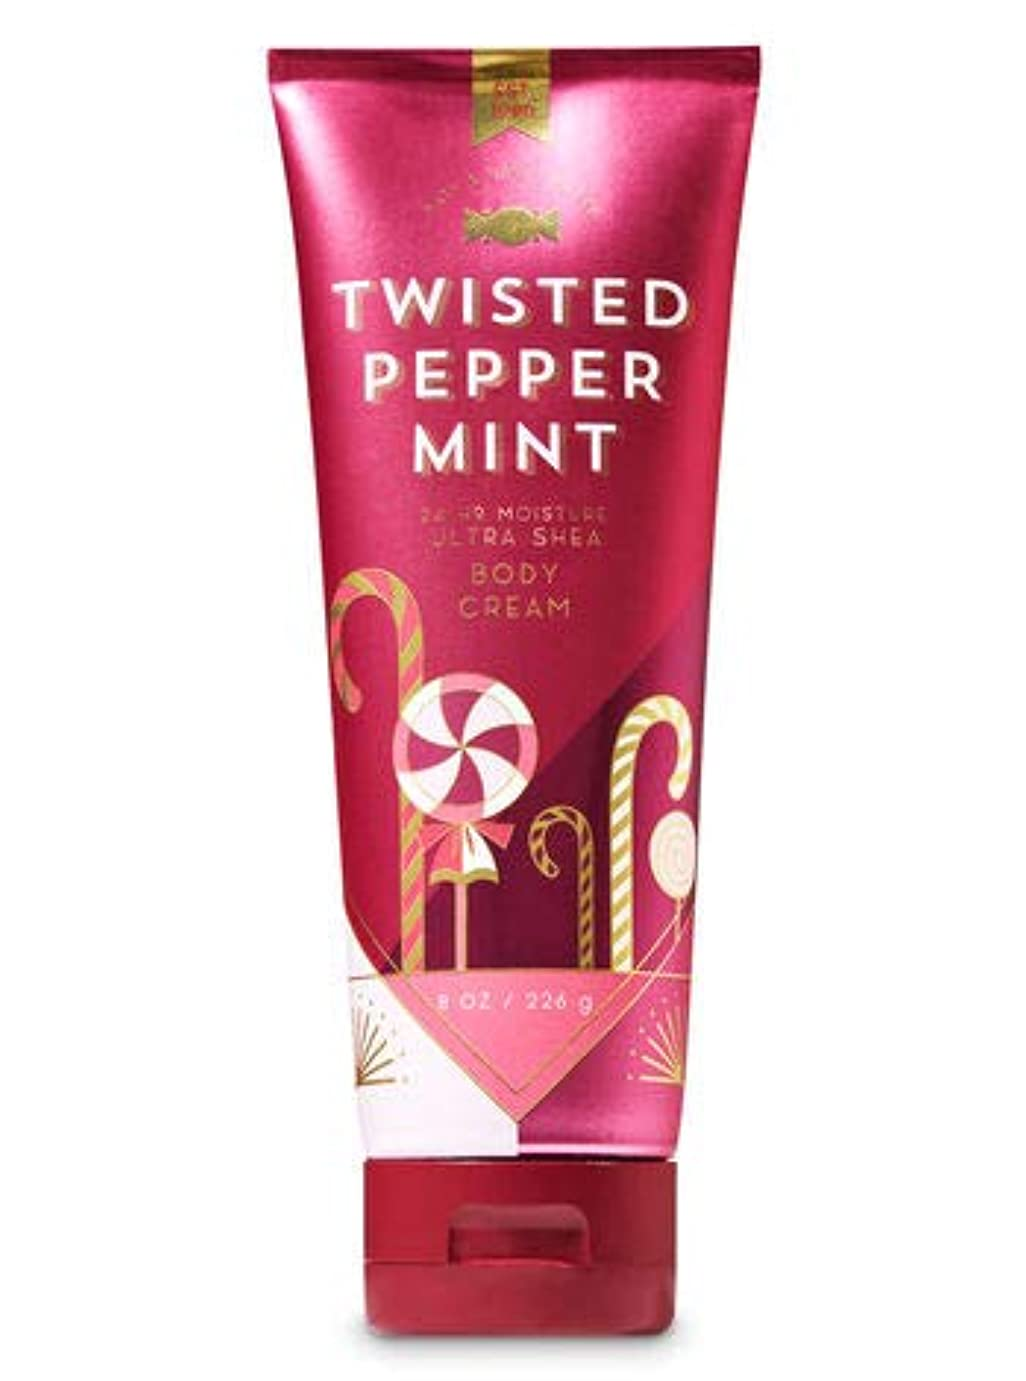 例示する収縮囲い【Bath&Body Works/バス&ボディワークス】 ボディクリーム ツイステッドペパーミント Ultra Shea Body Cream Twisted Peppermint 8 oz / 226 g [並行輸入品]